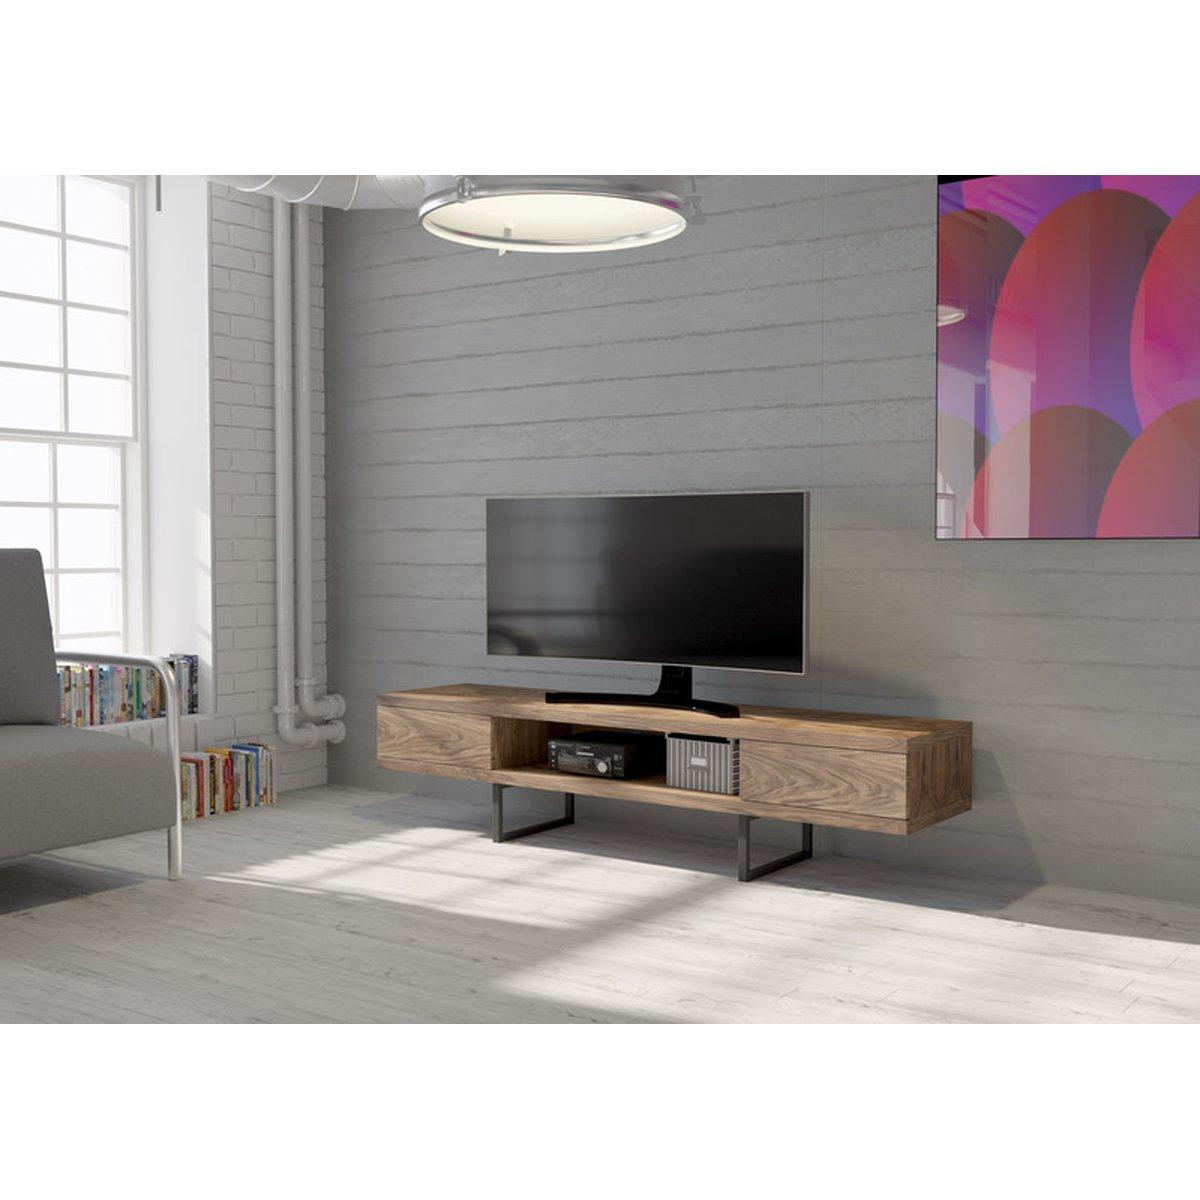 RTV Regal Sideboard Lowboard Anrichte Wohnzimmer TV Möbel